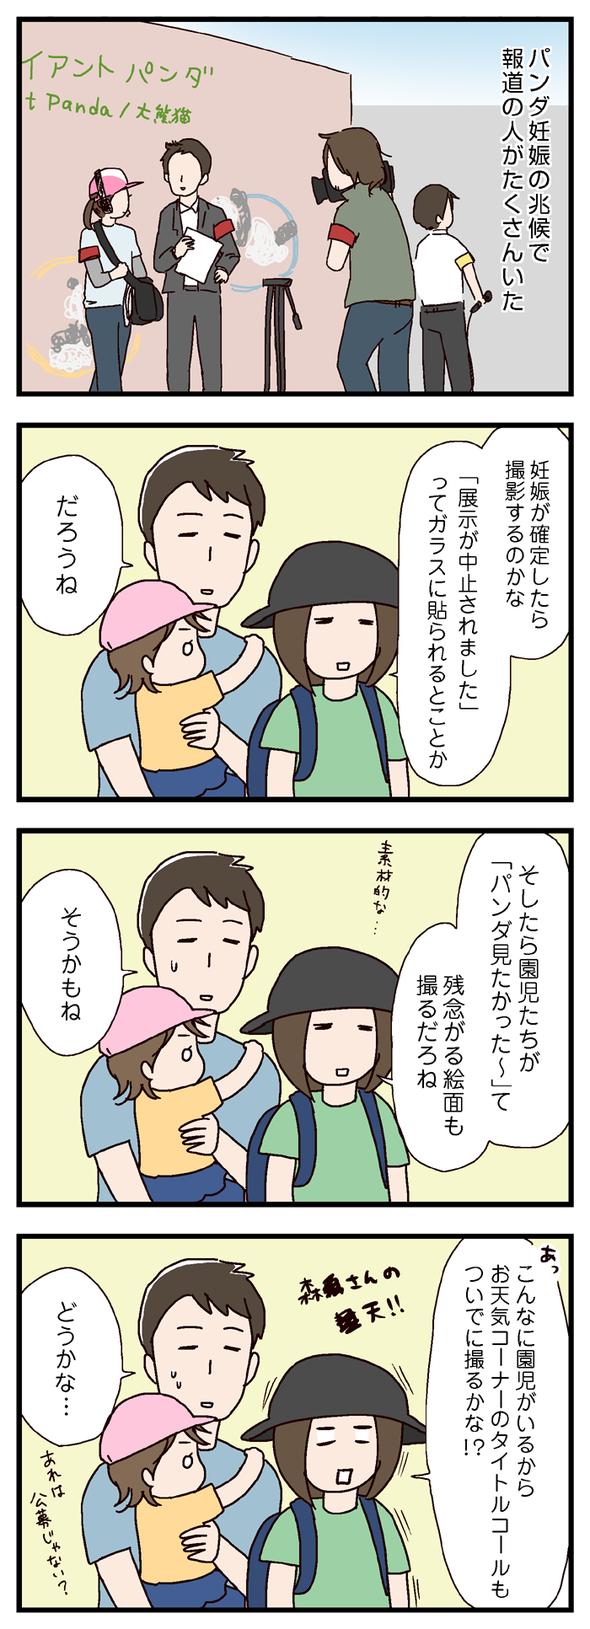 icchomae338_01